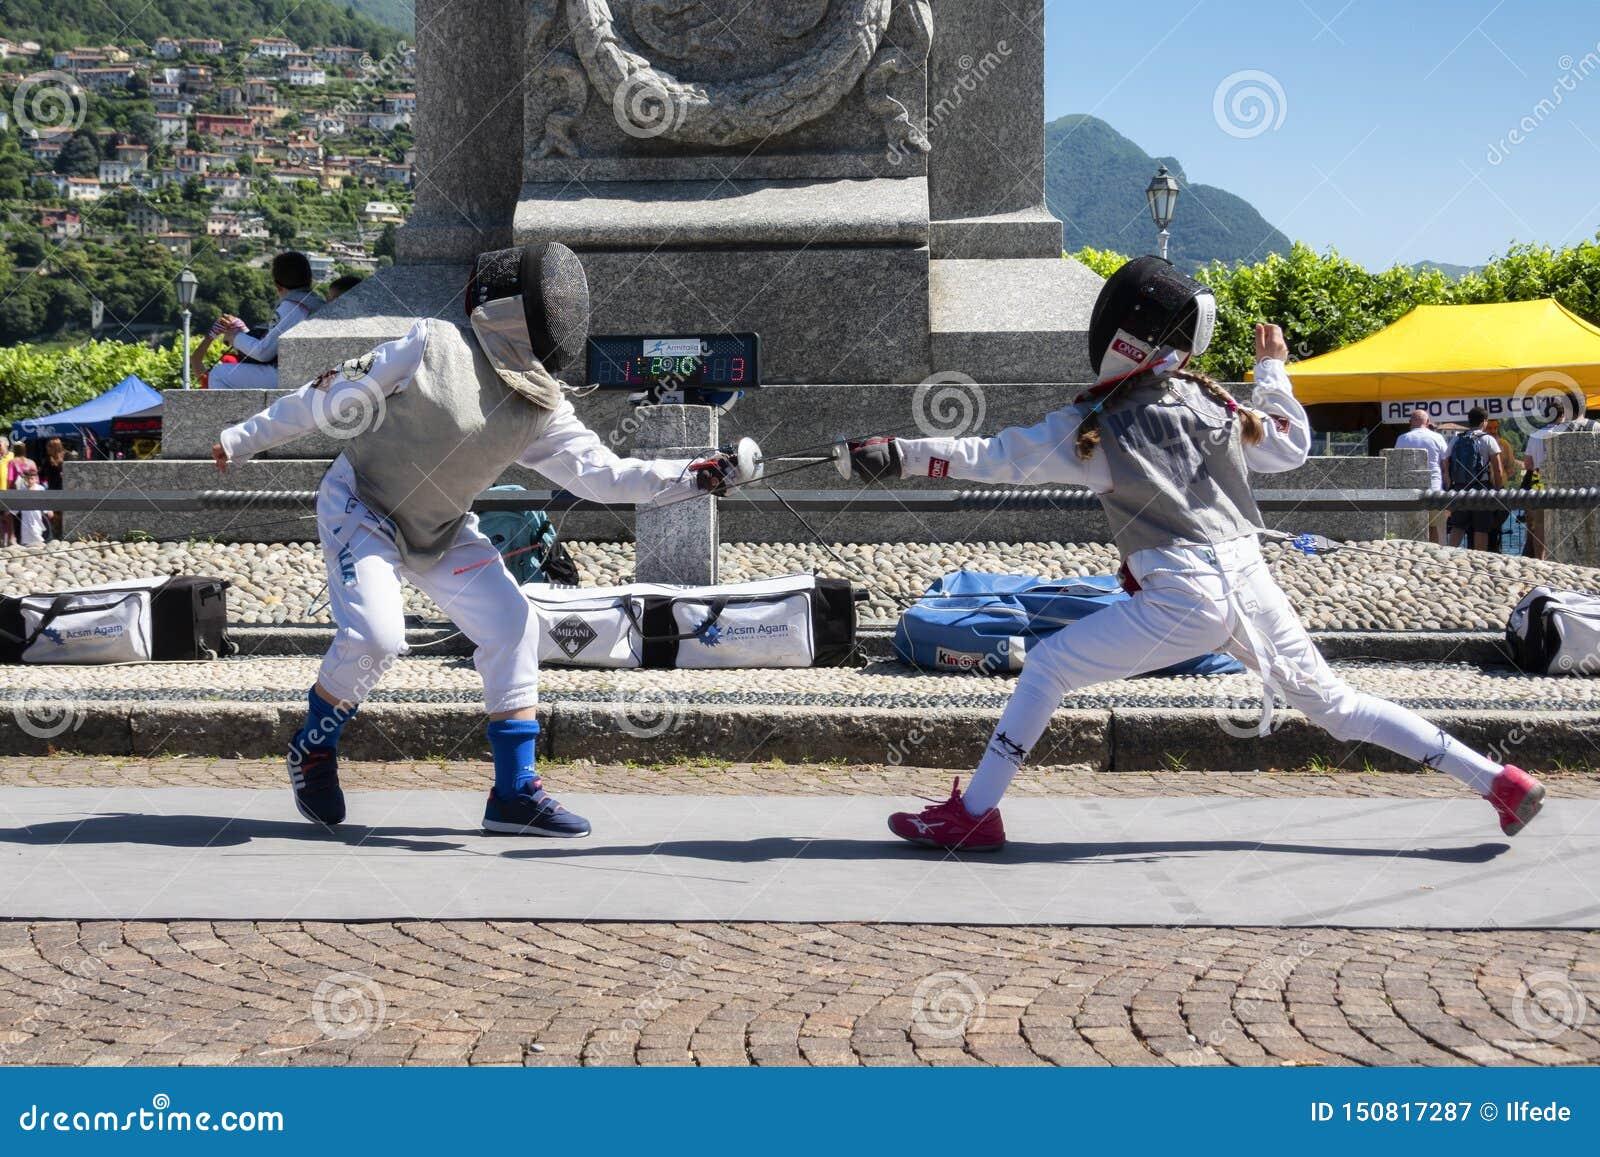 CERNOBBIO, ITALIEN - 16. JUNI 2019: Kinderfechter, die mit Klinge fechten und üben